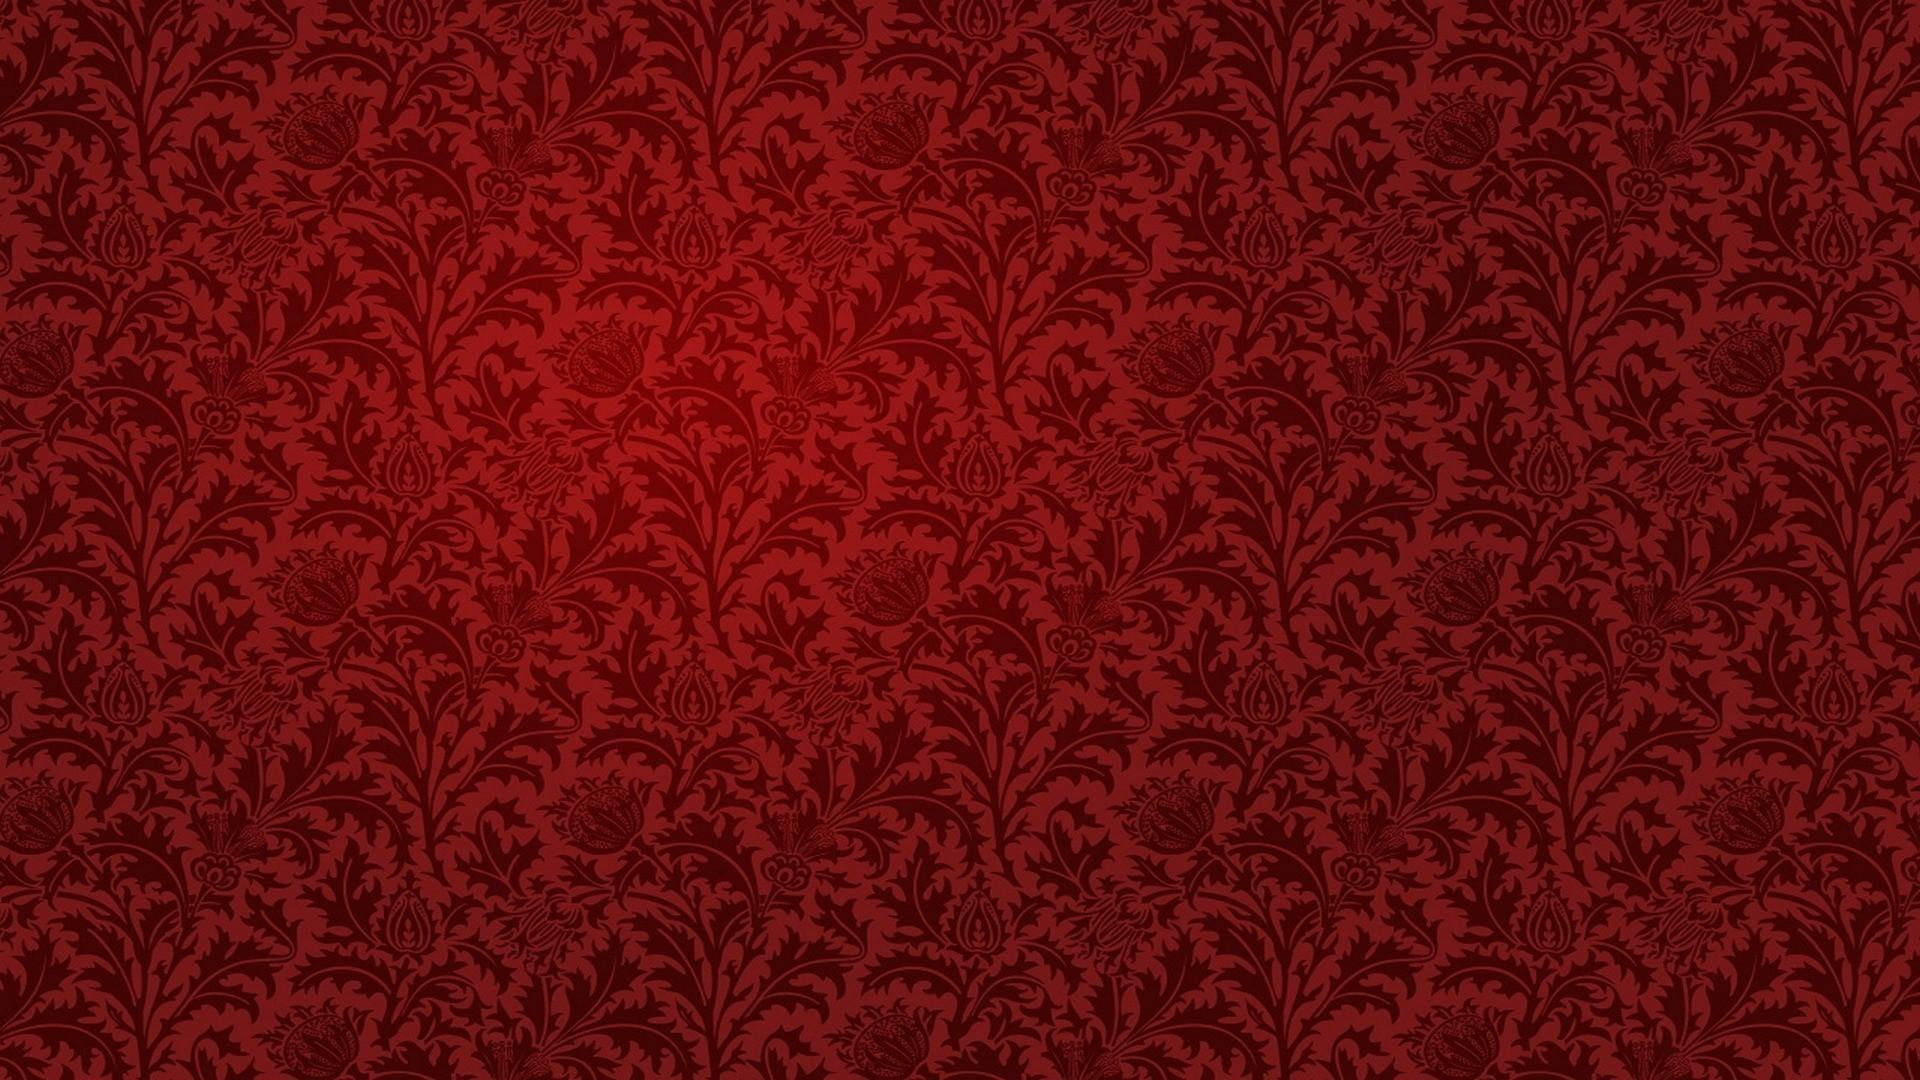 Wallpaper · Red Vintage Wallpaper Background Desktop